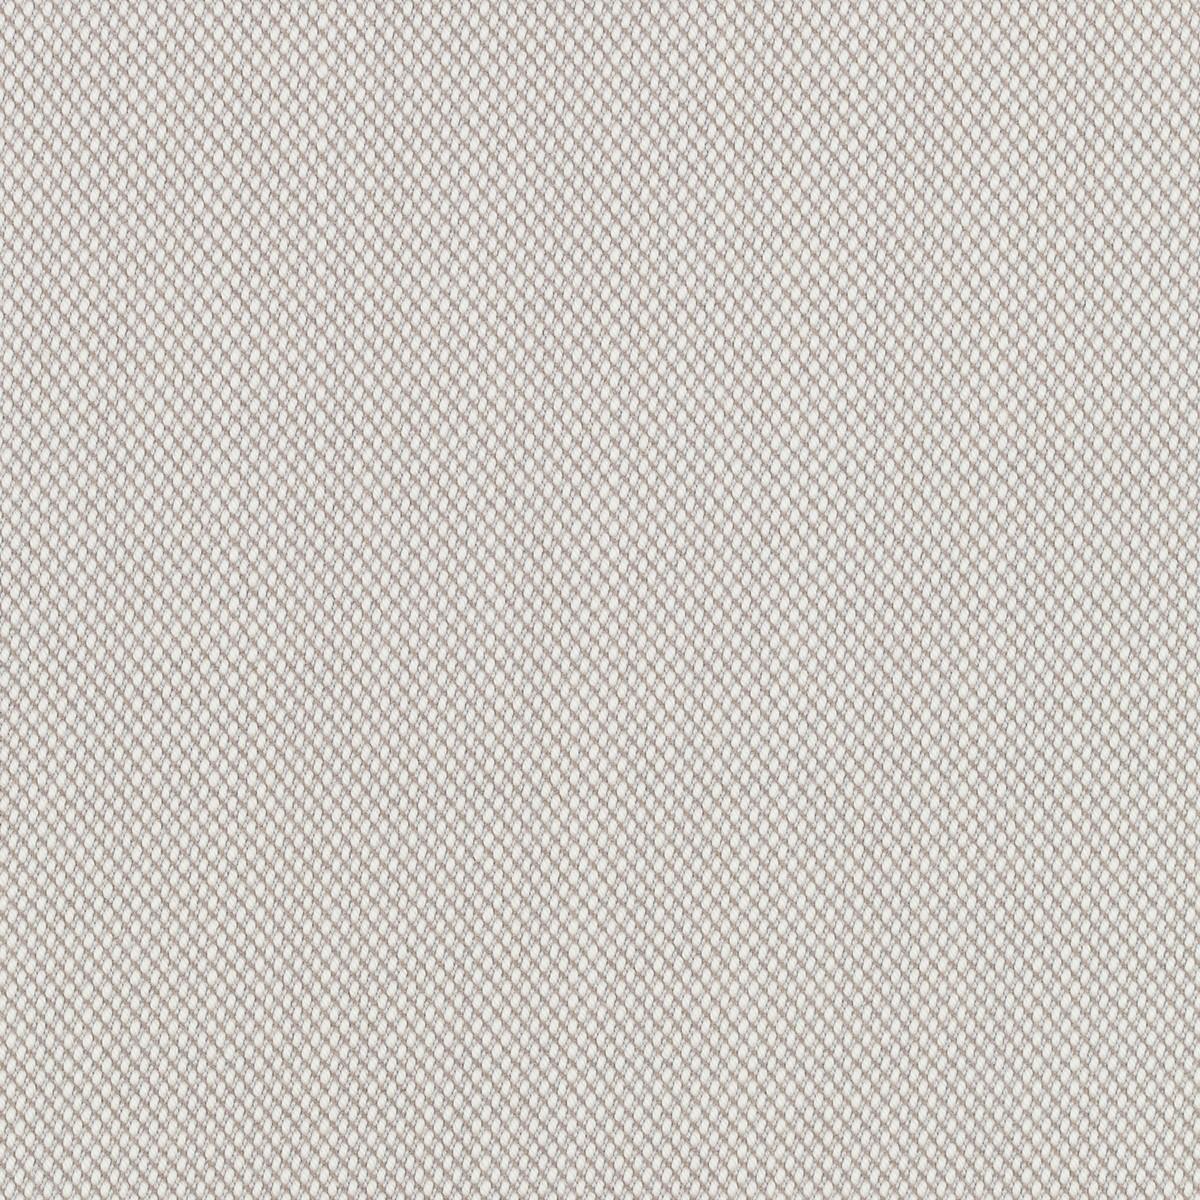 STEELCUT TRIO2 13F843